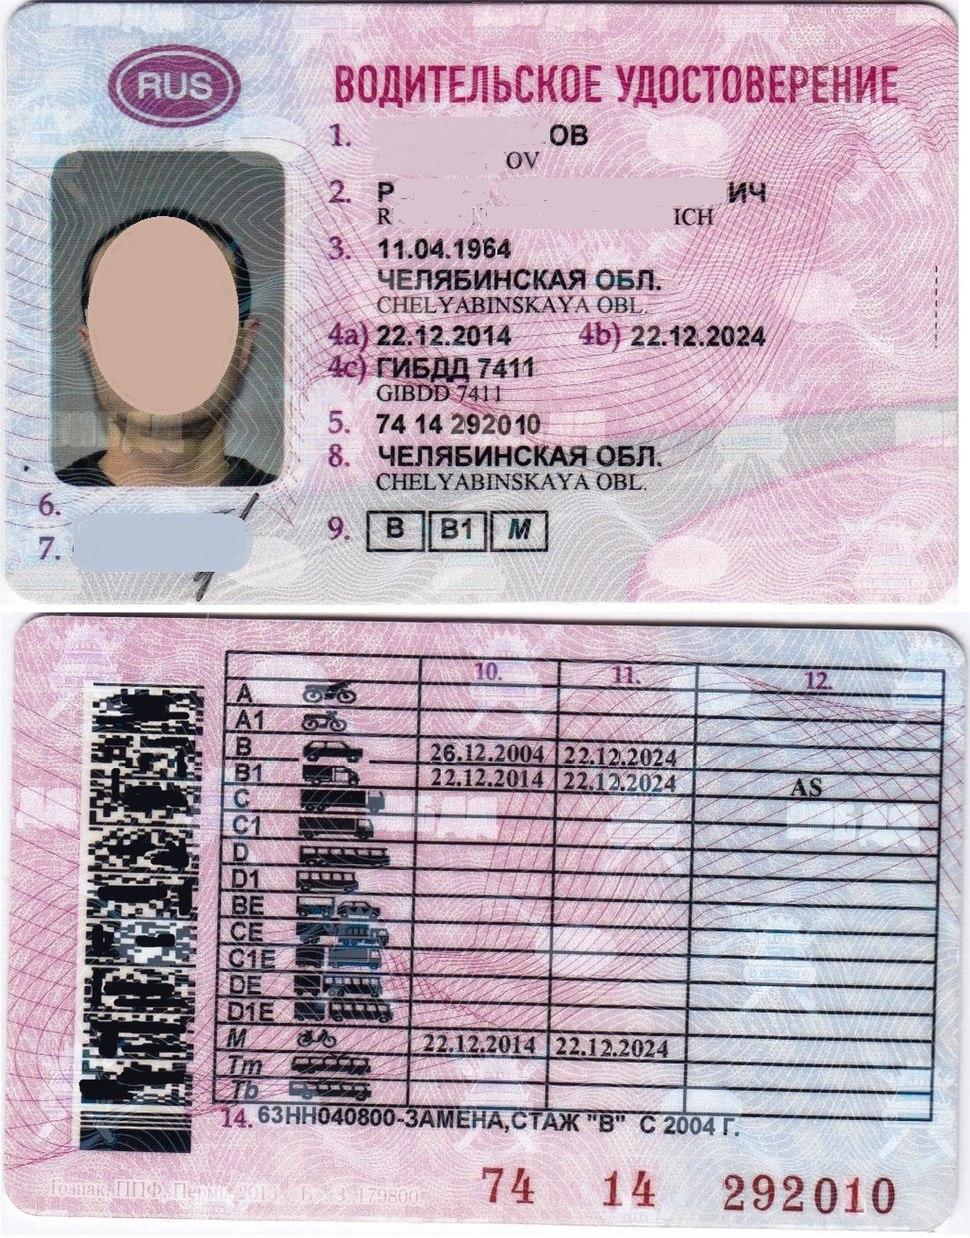 Водительское удостоверение РФ (образца 2014 года). Стороны А и Б.